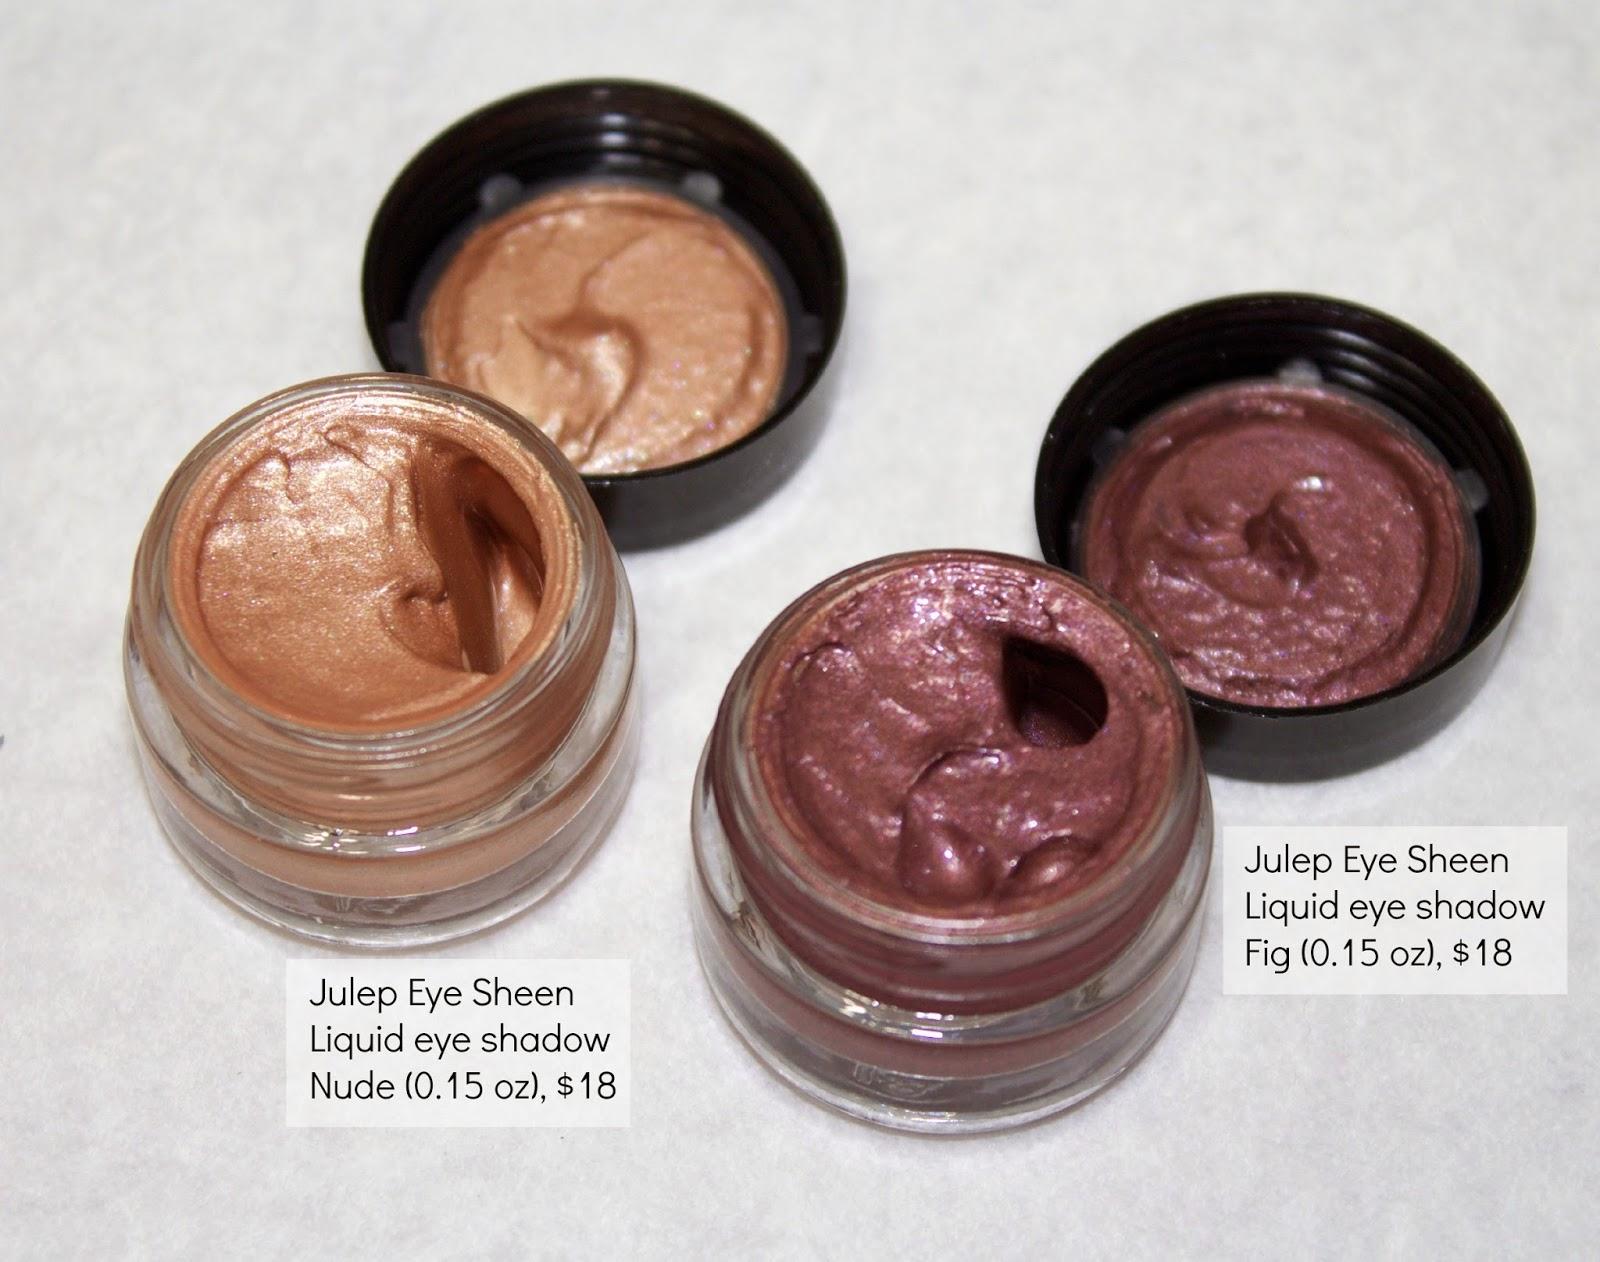 Julep Eye Sheen Nude, Julep Eye Sheen Fig, Review, @girlythingsyby_e